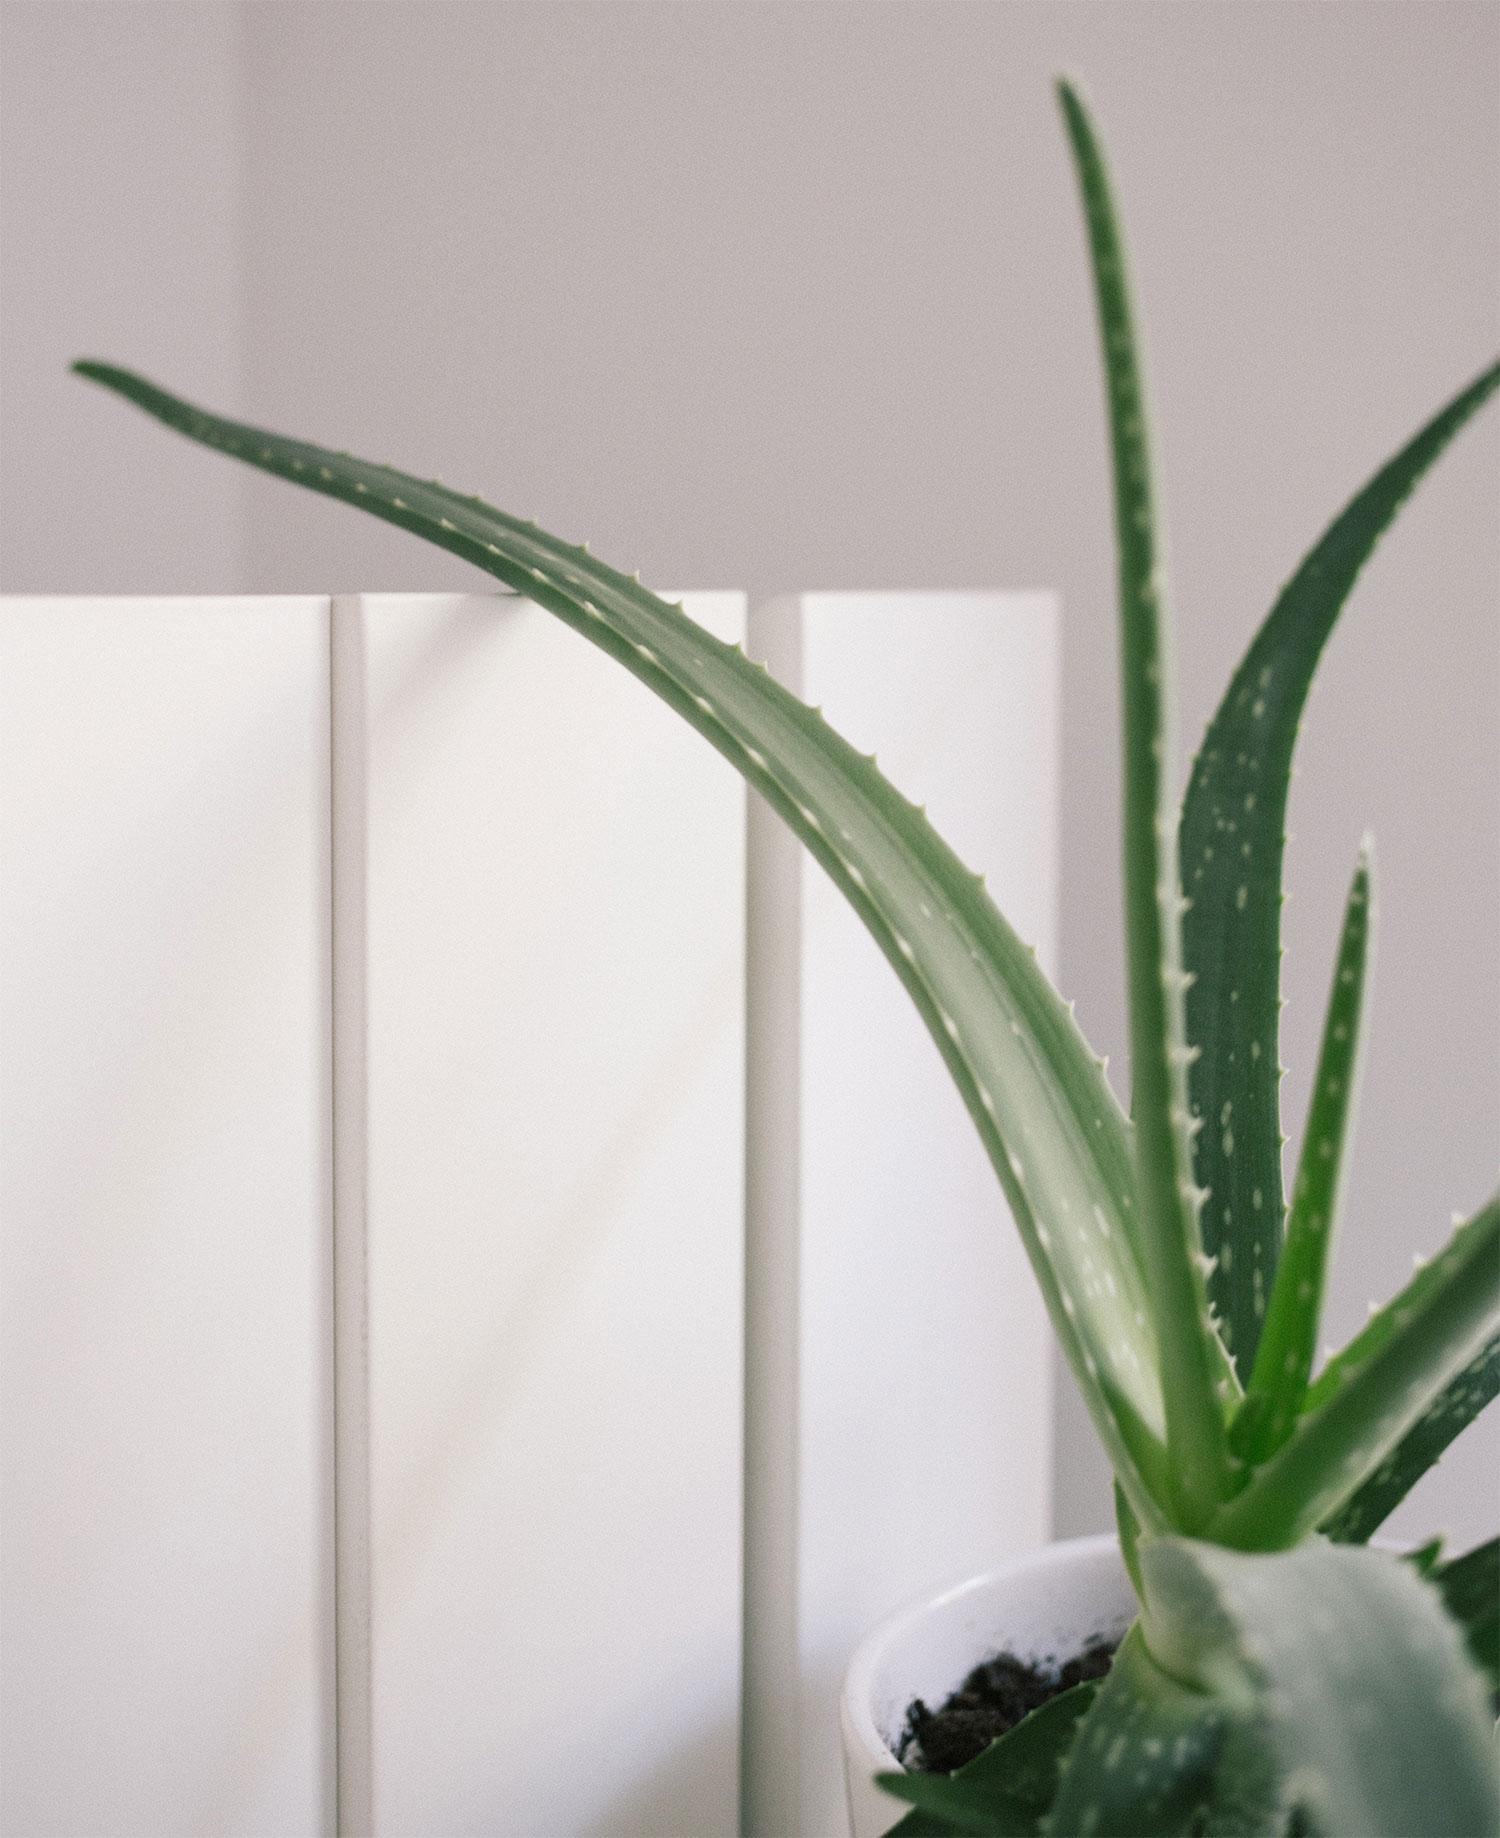 alo vera plant slaapkamer